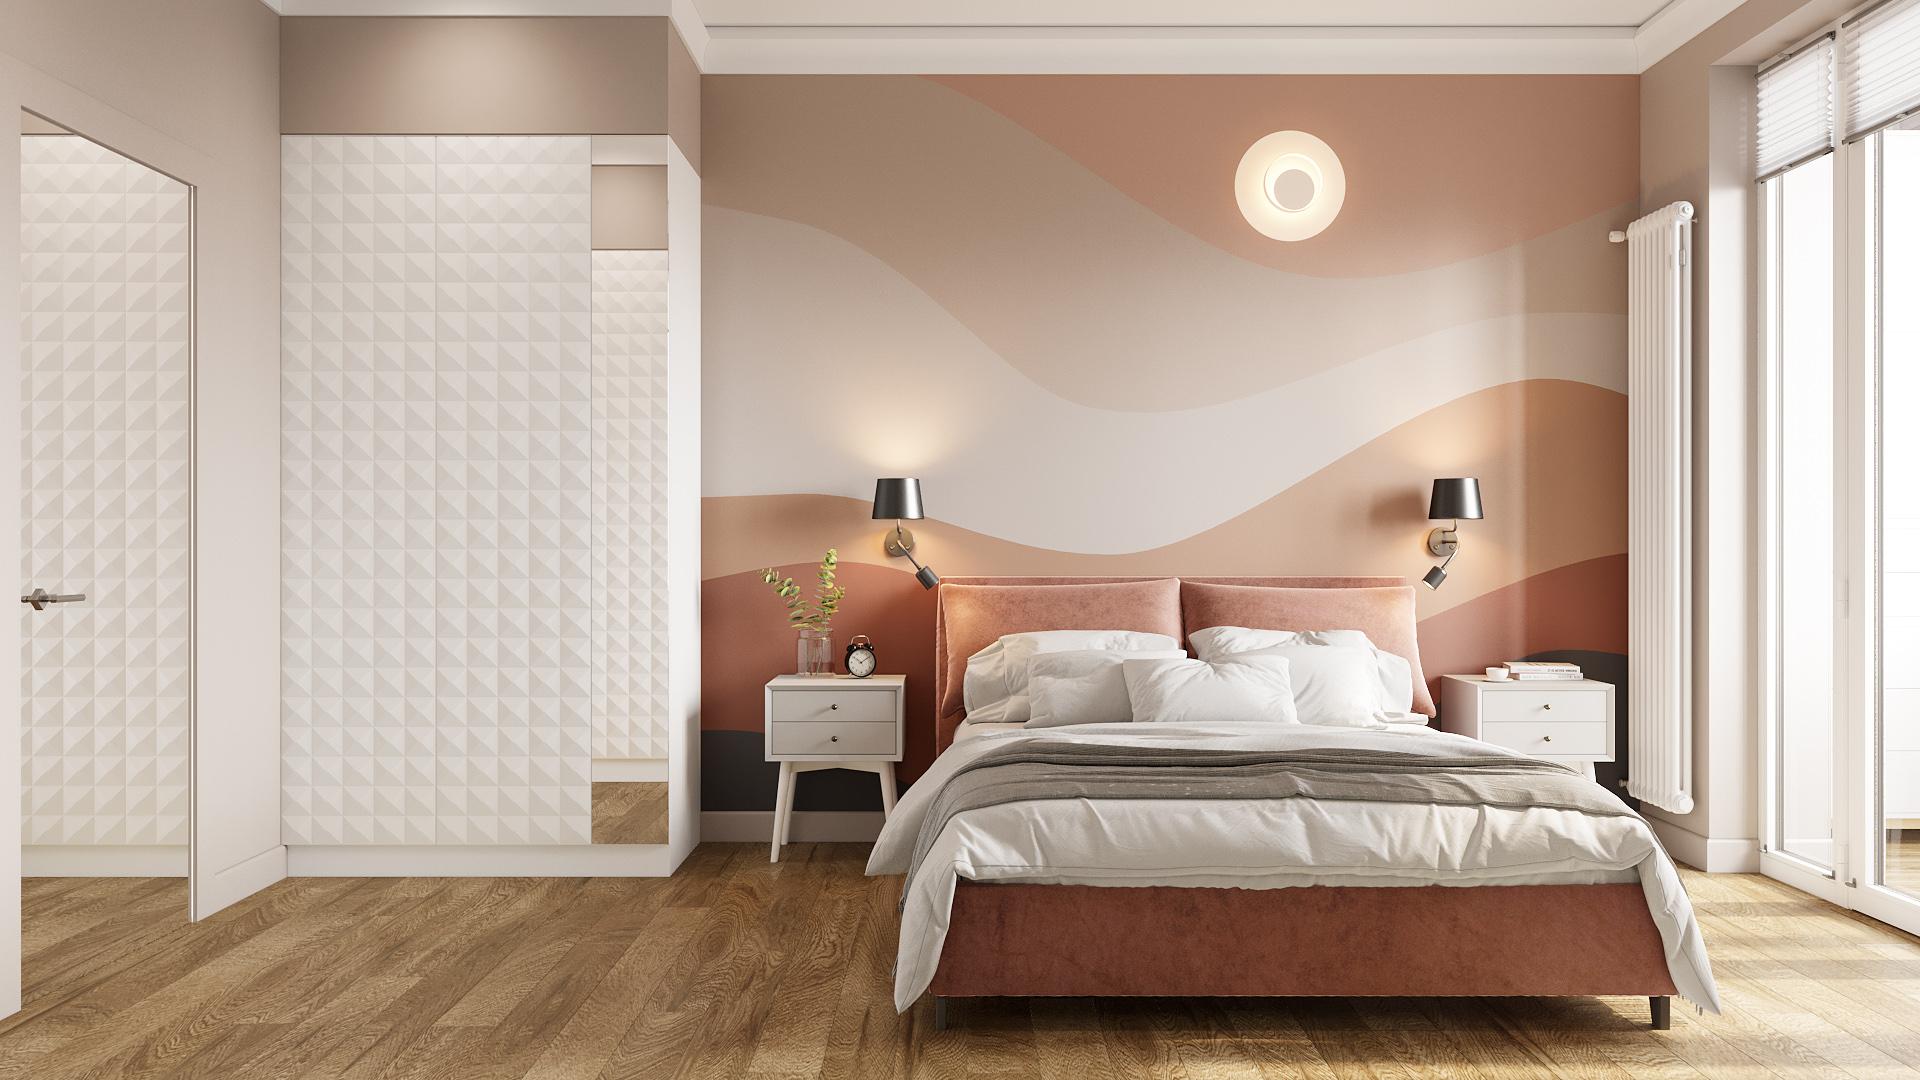 фото:Оригинальным образом выстроены оттенки цвета капучино в художественное панно в изголовье кровати. На нем изображены воздушные холмы в теплом свечении луны